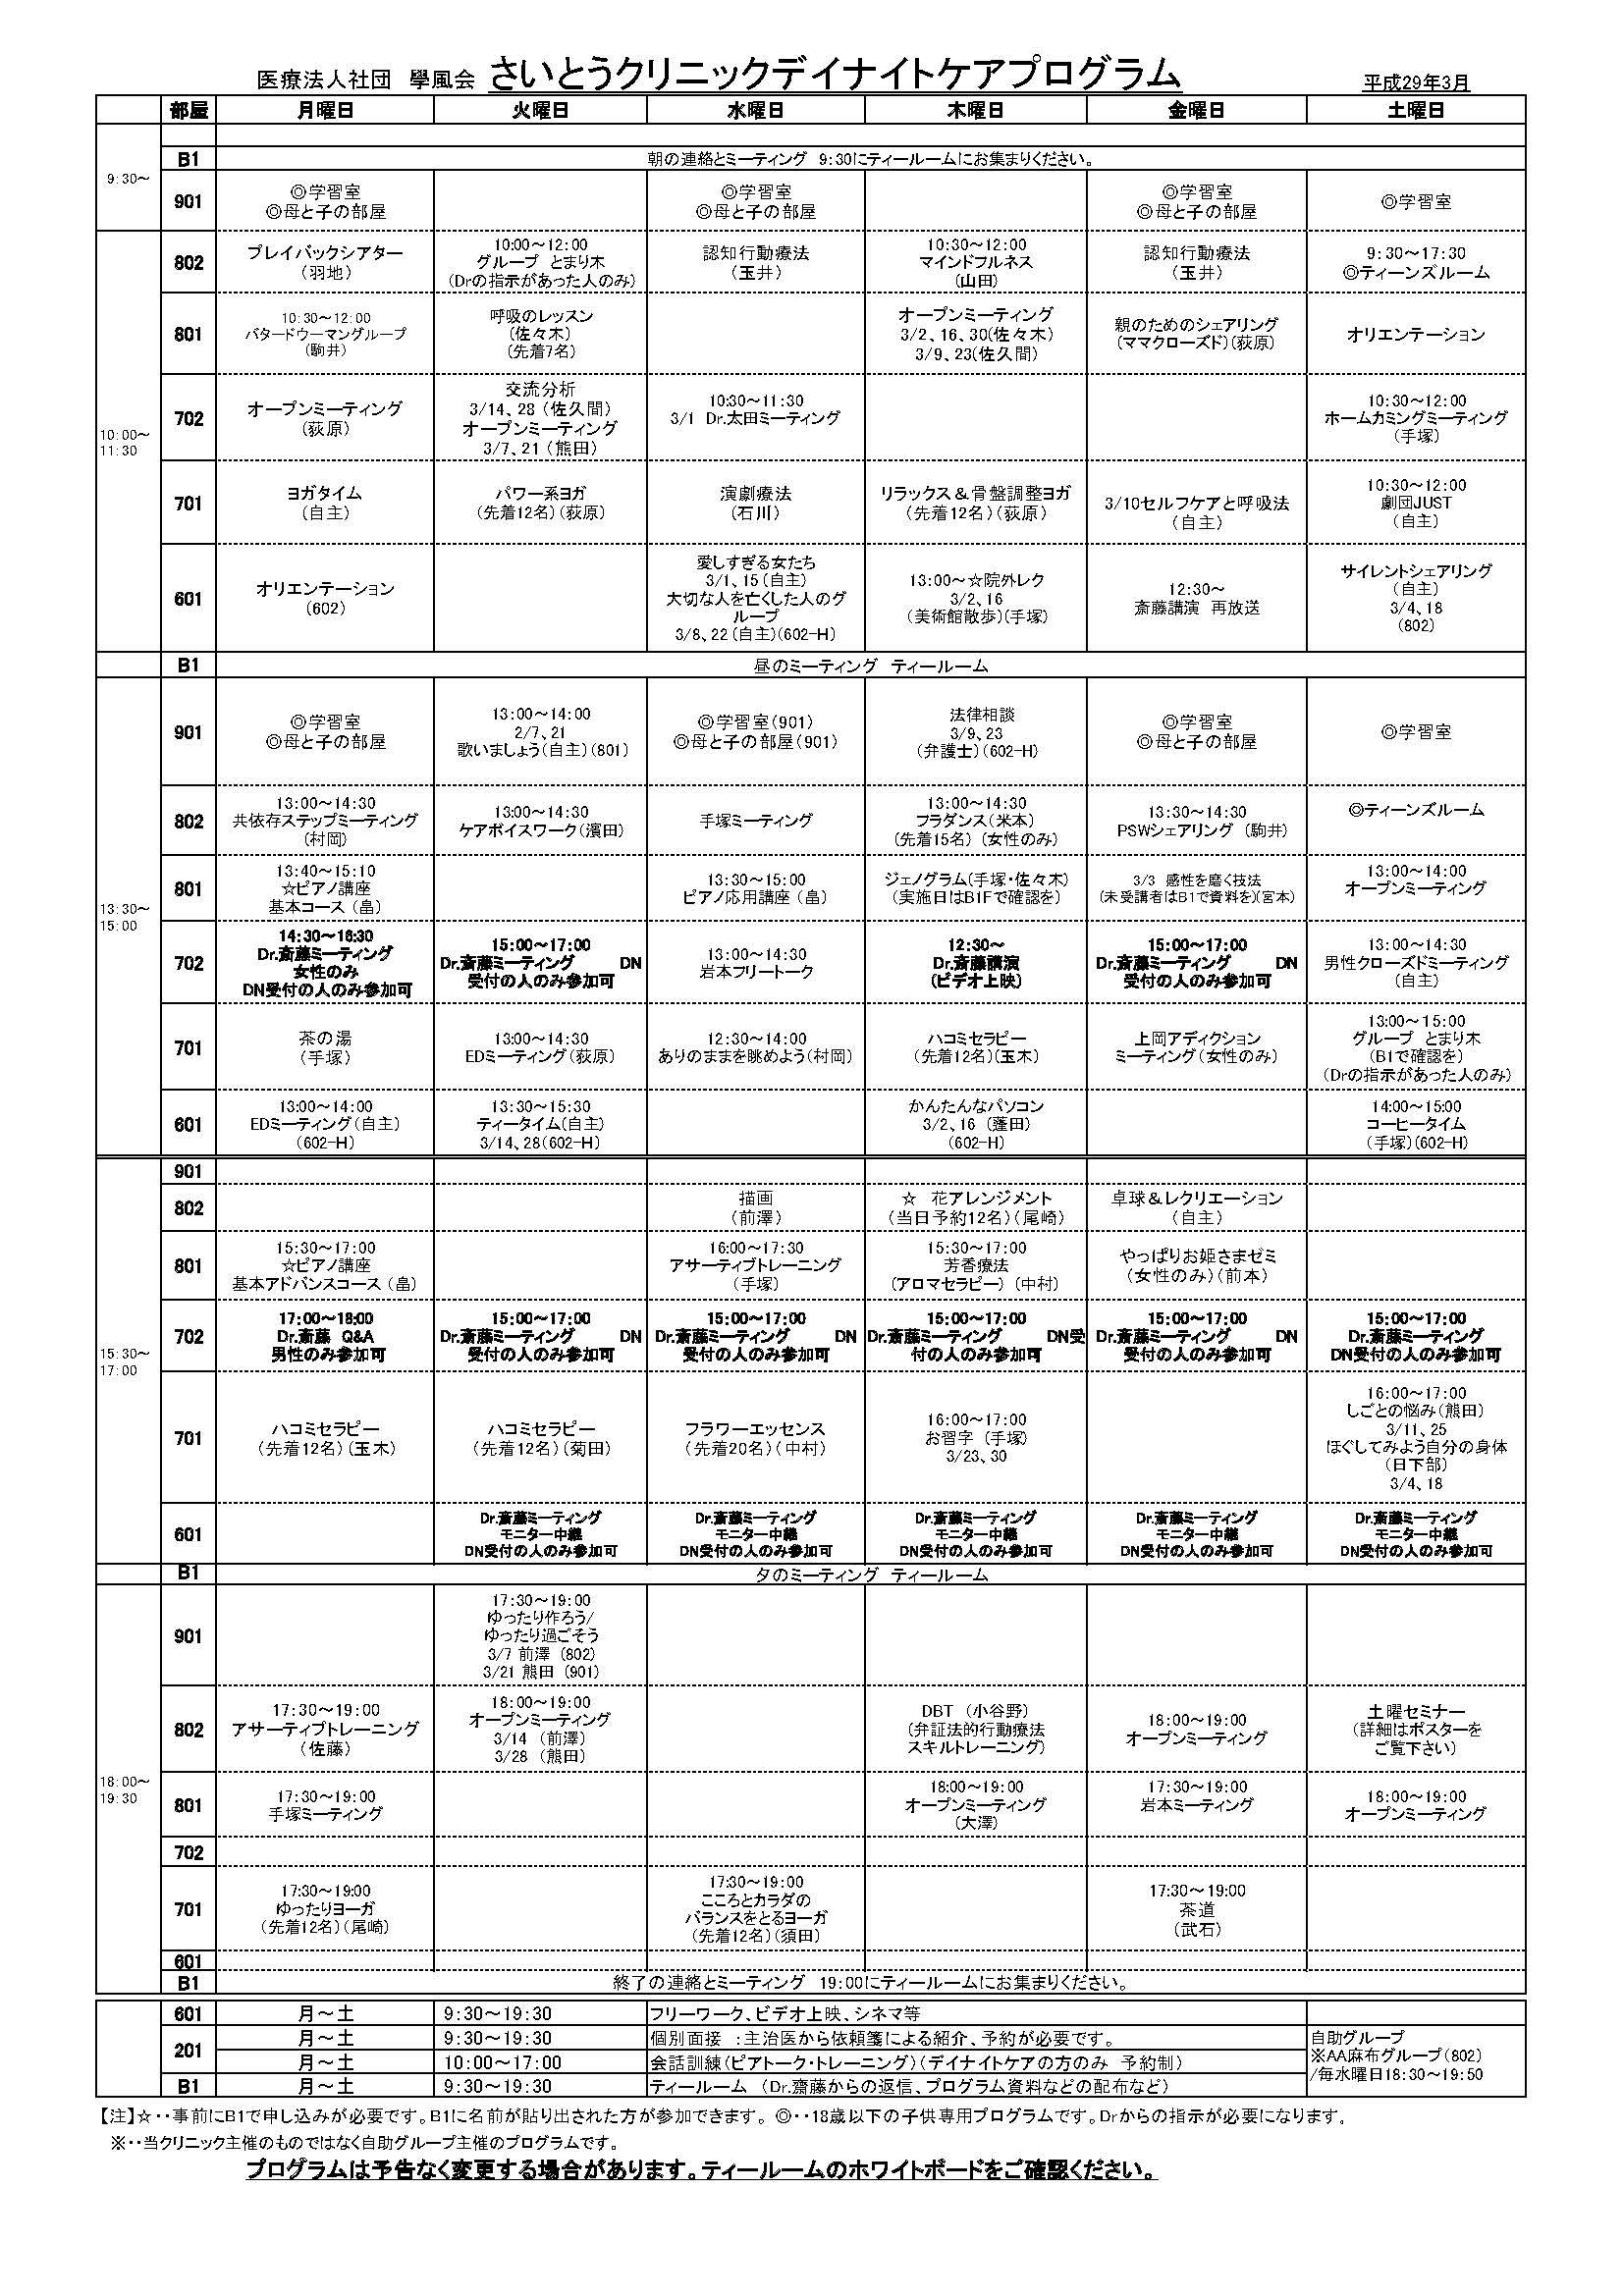 201703月プログラム表